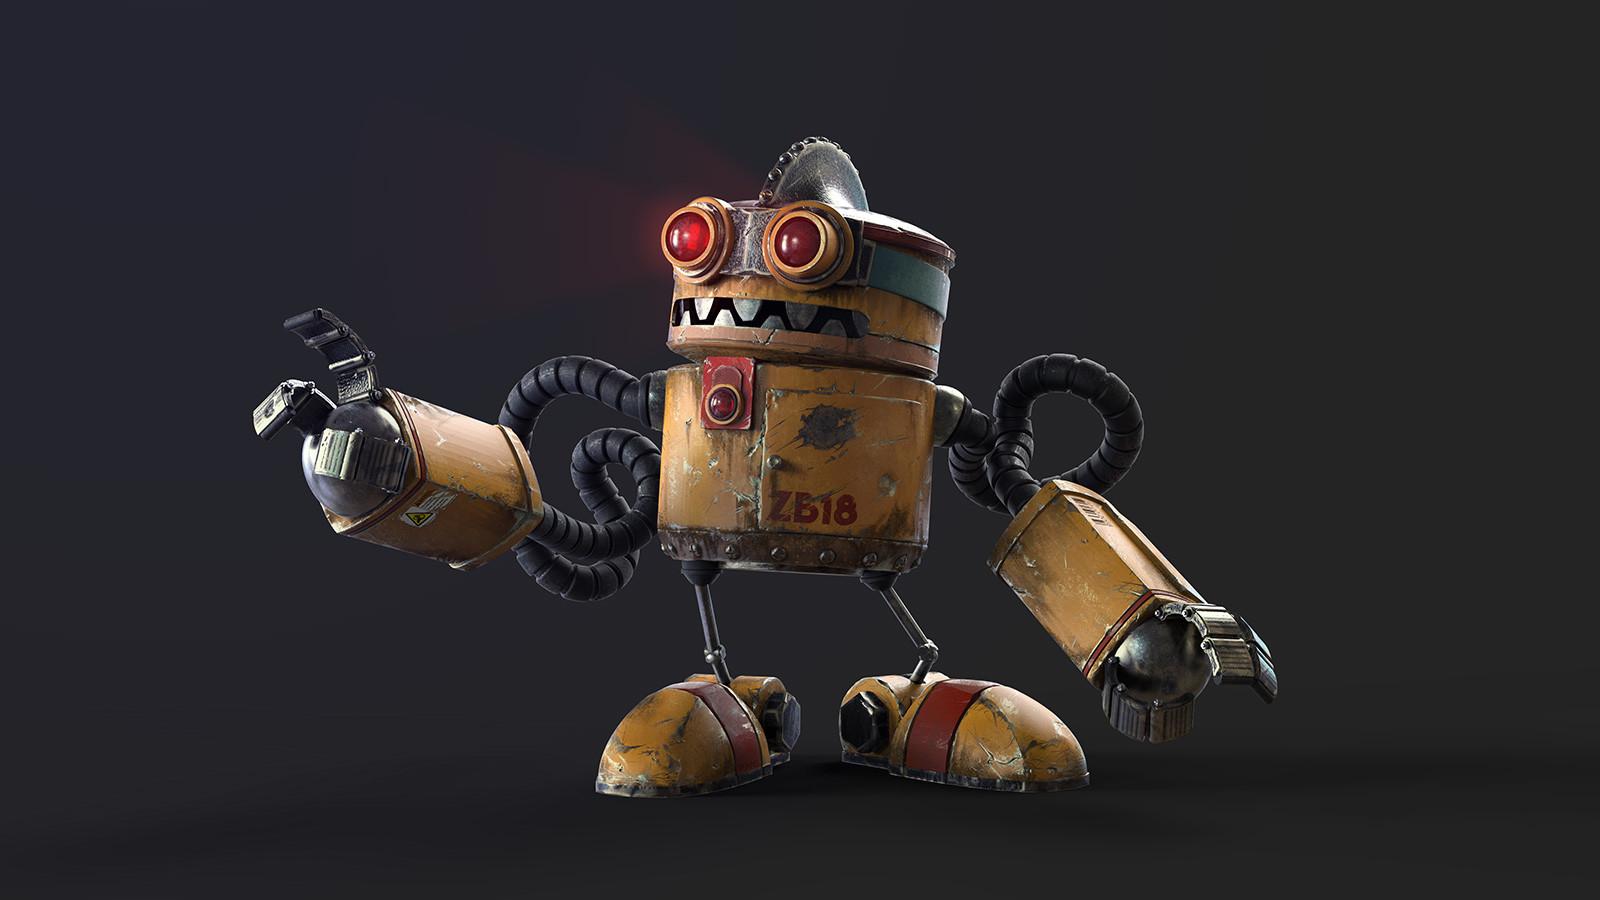 Roboto ZB18 final composition